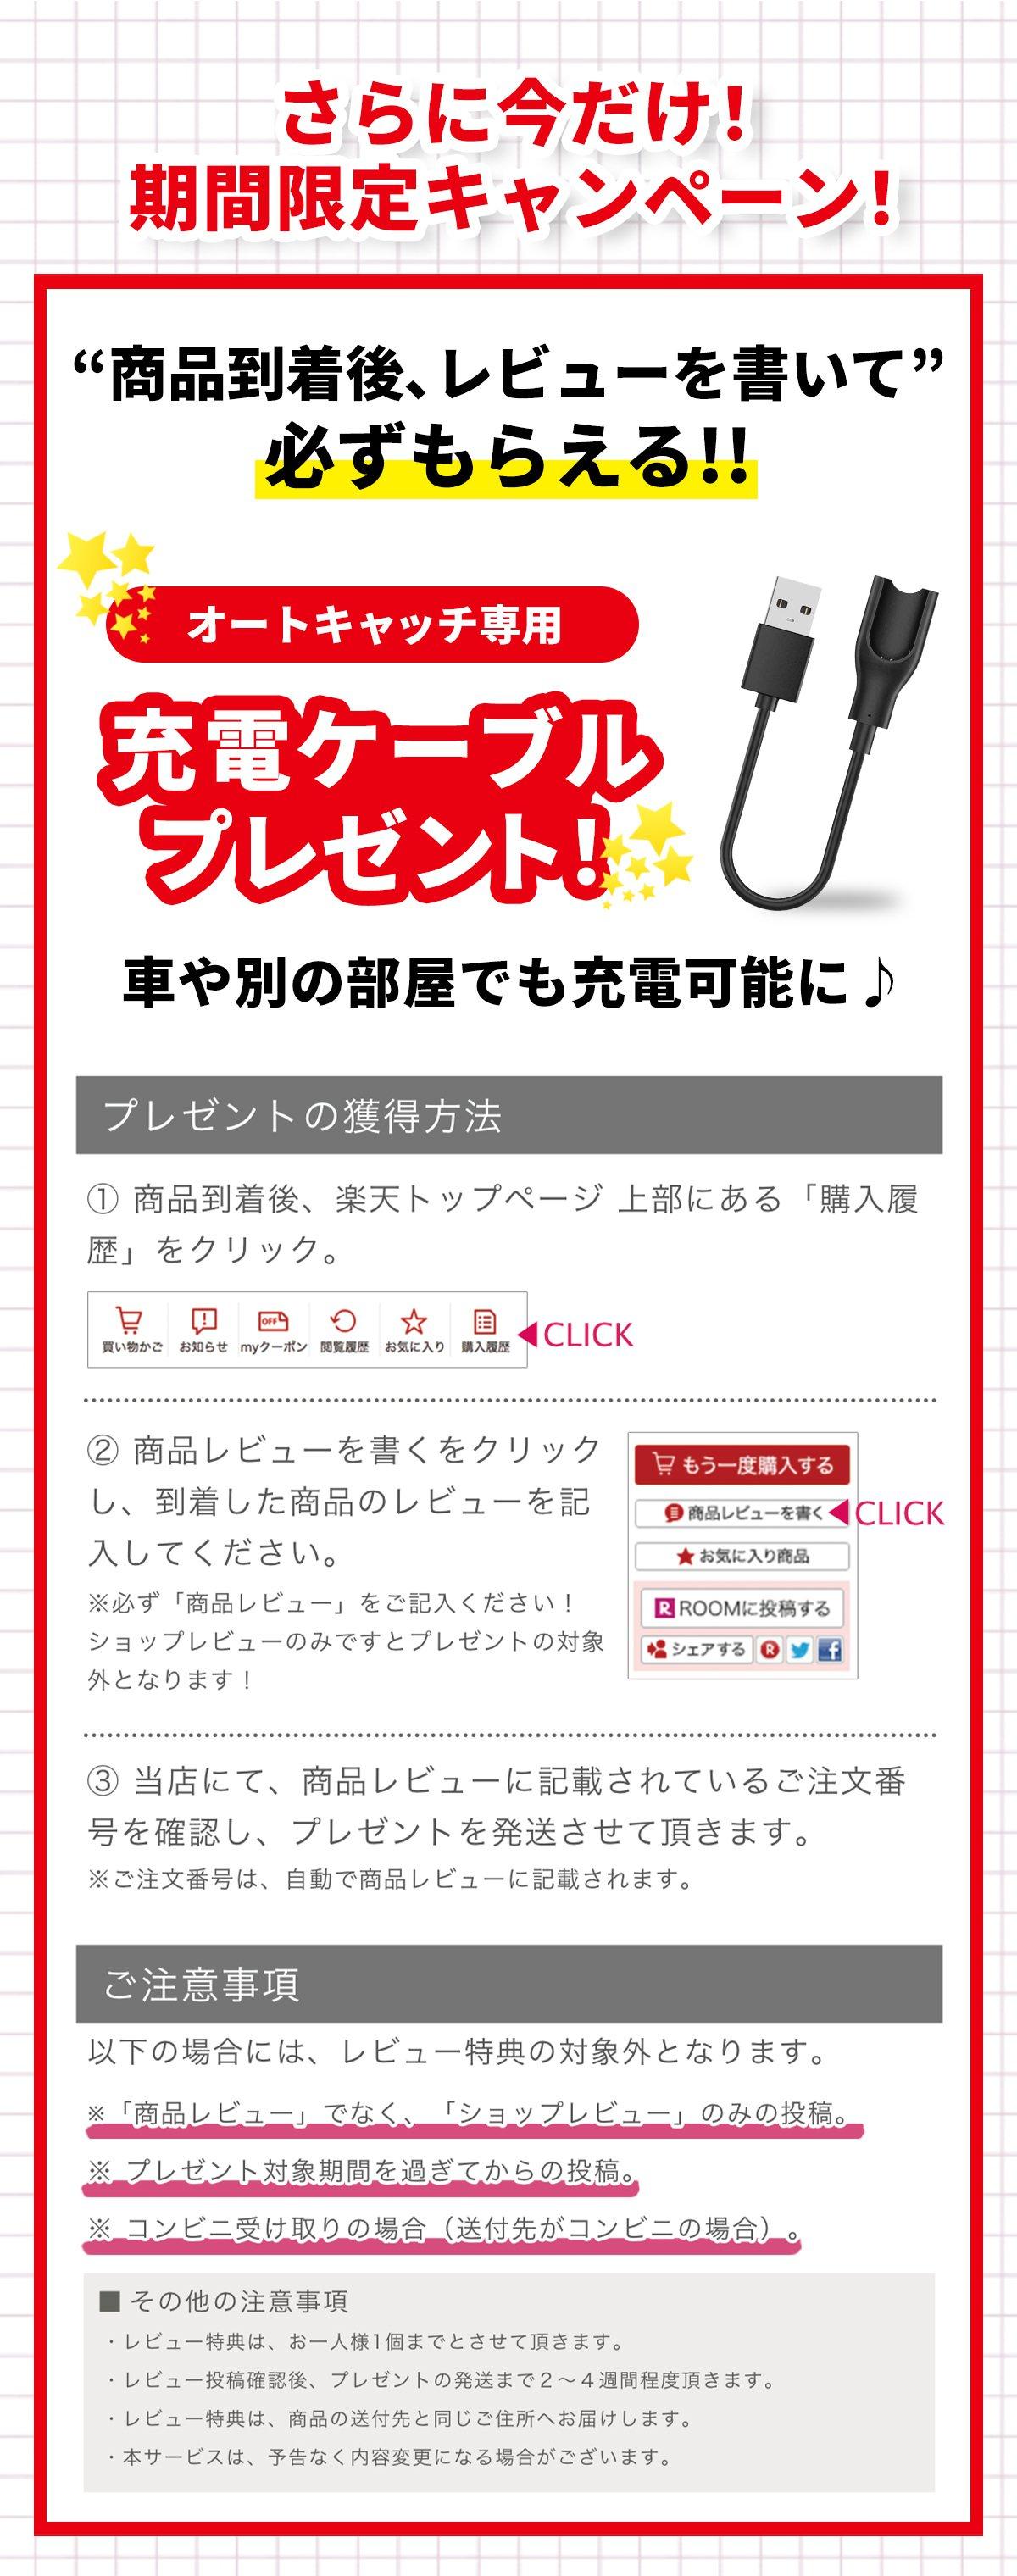 Go オート 2 ポケモン キャッチ